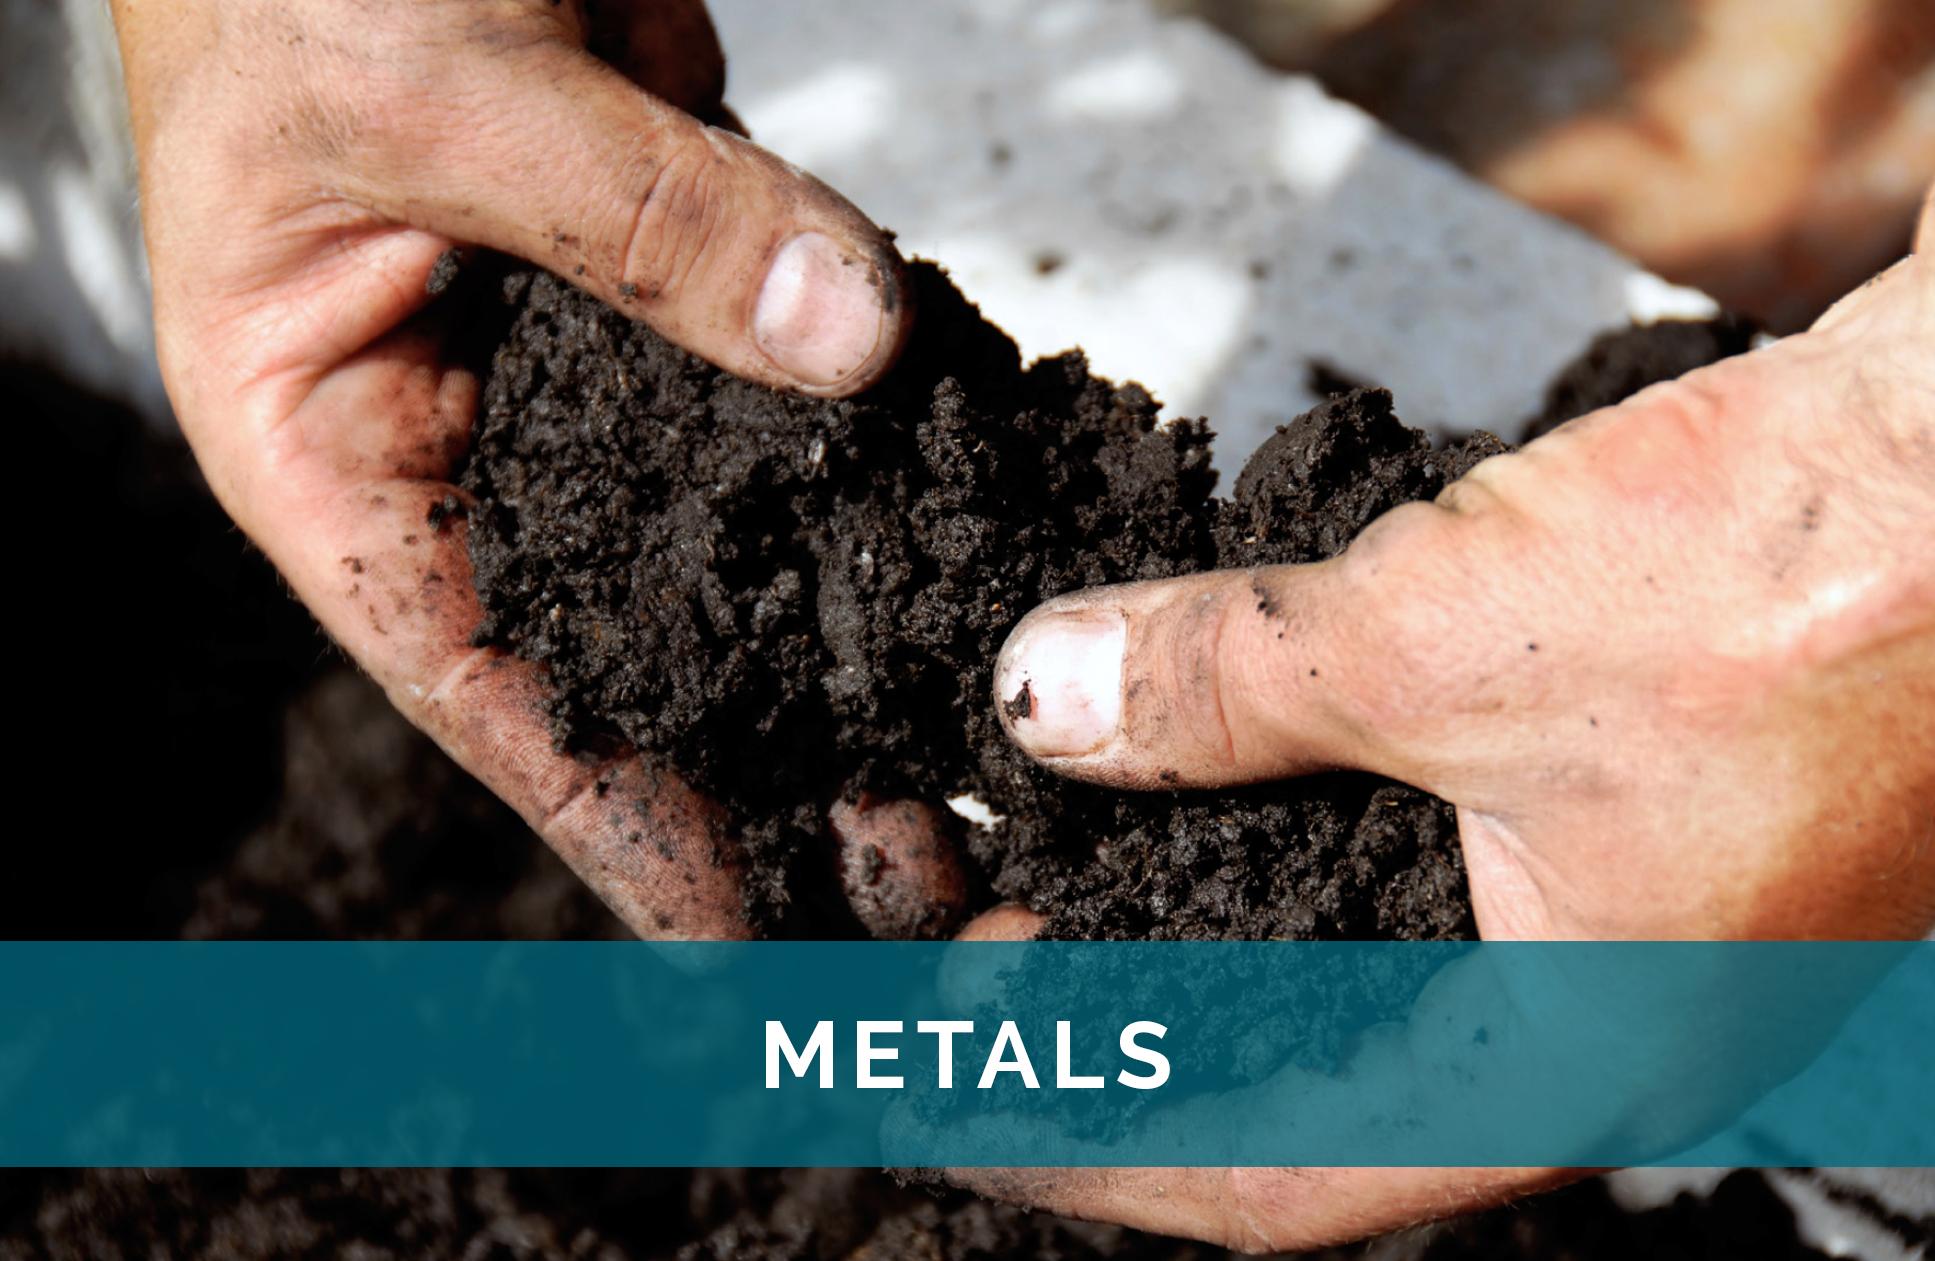 Metals - text